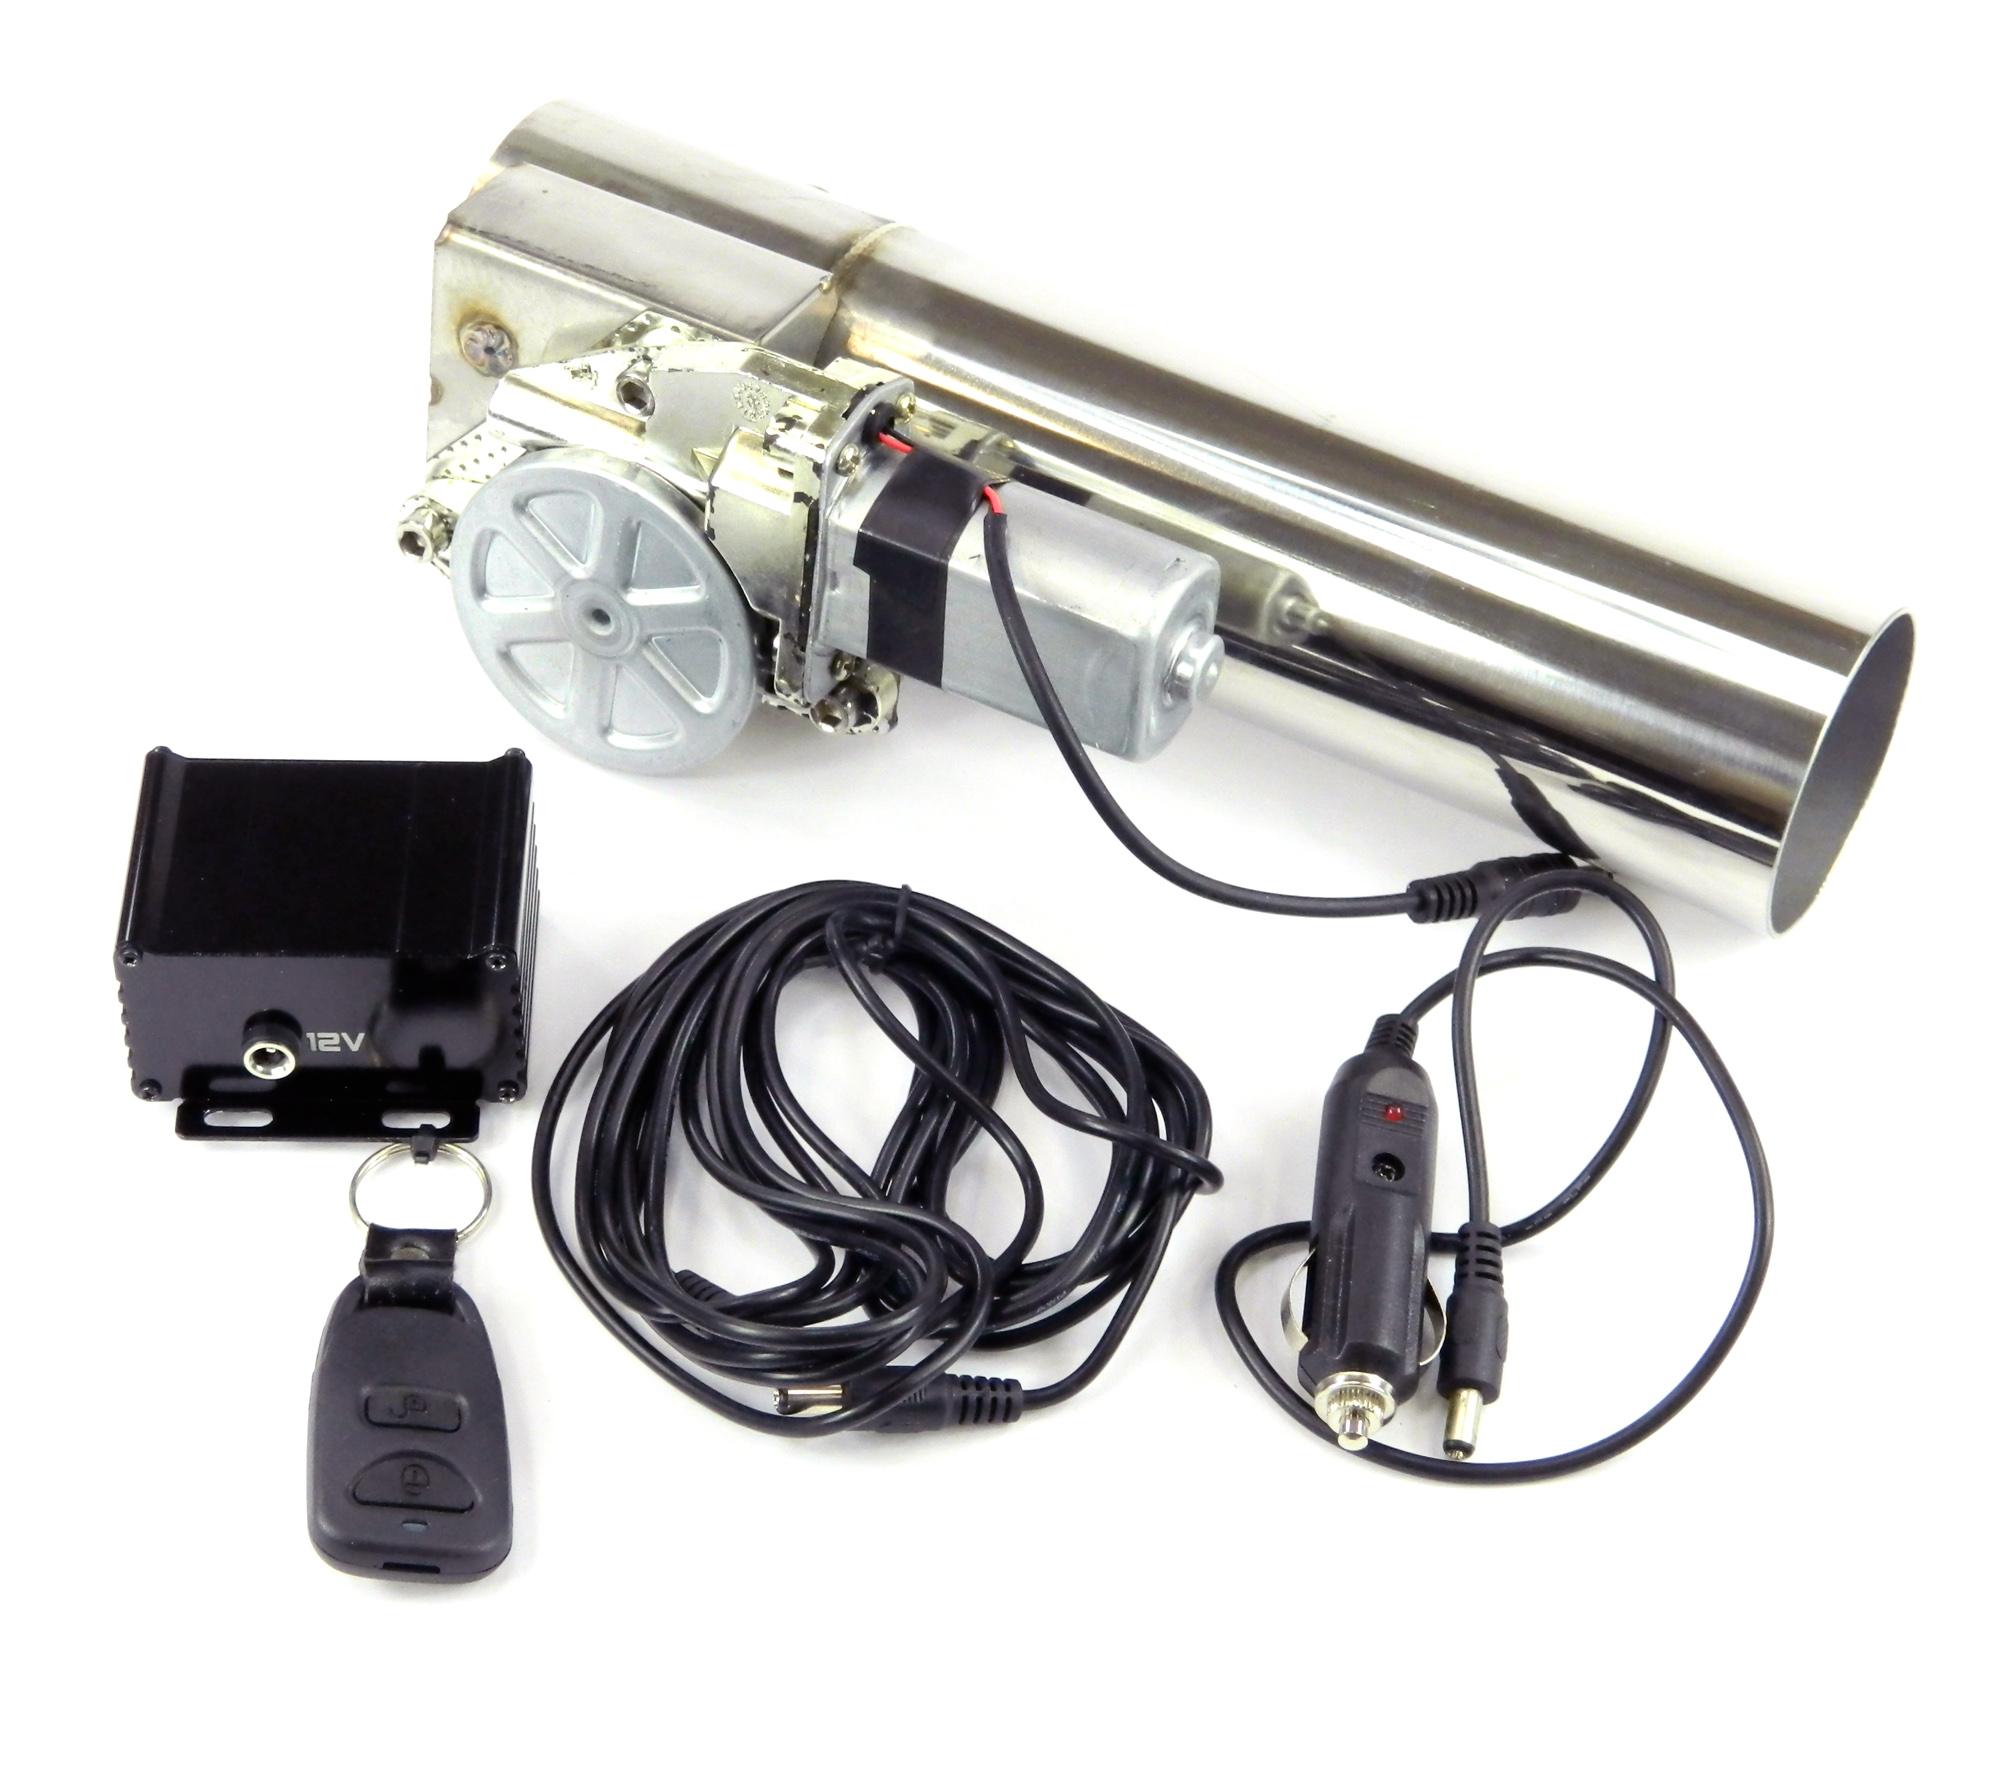 Klappenauspuff-System aus Edelstahl, elektrisch inkl. Fernbedienung - 63mm Außendurchmesser